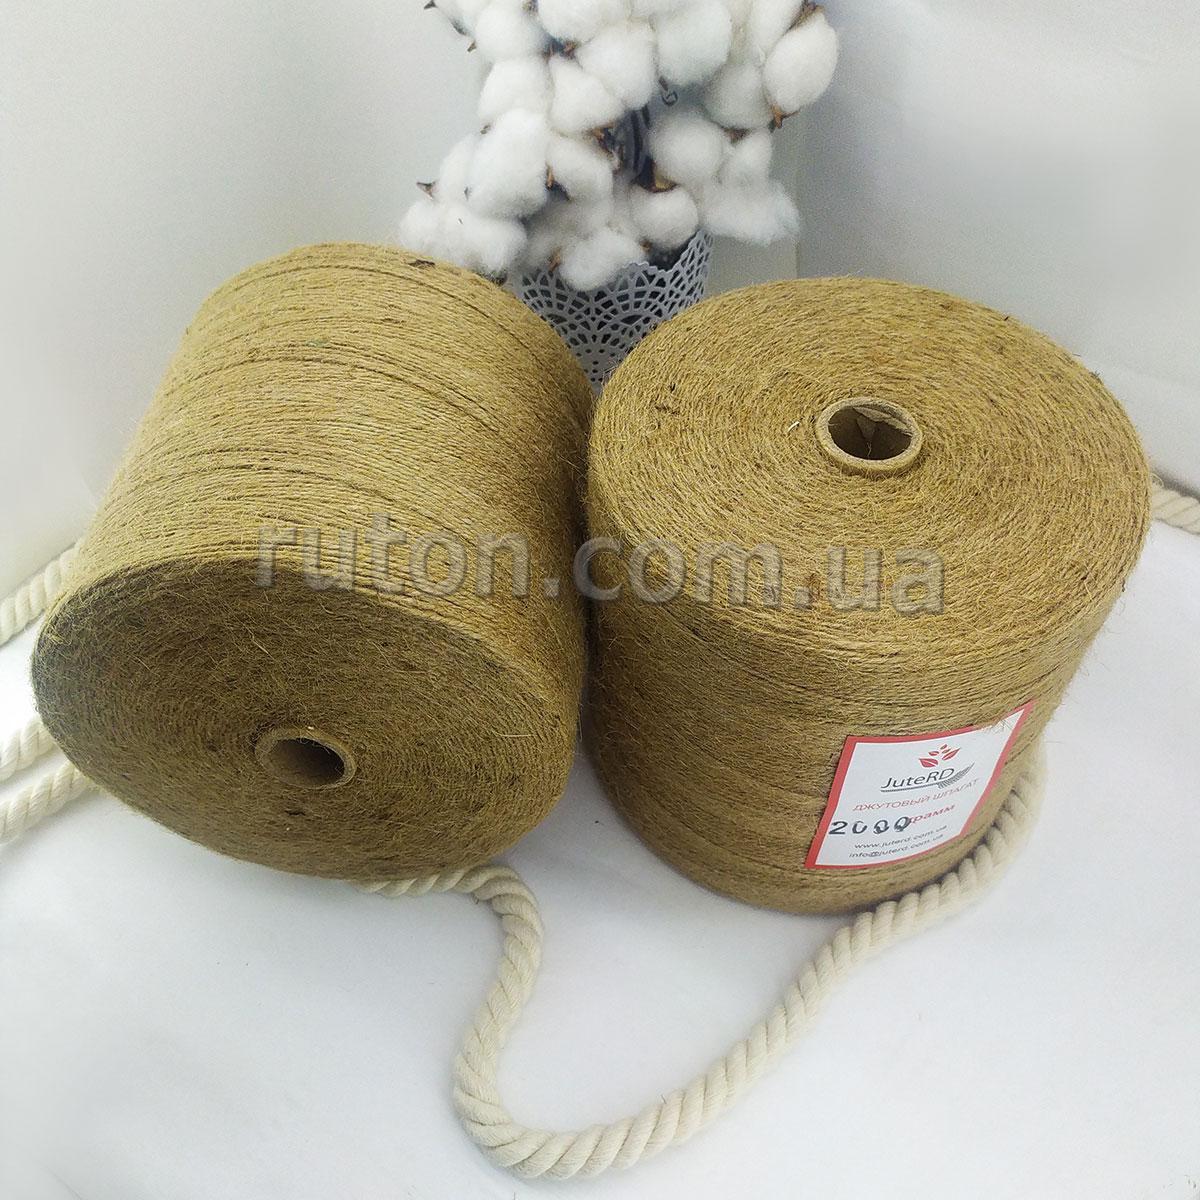 2 кг 1300 м 3 мм в 3 нити натуральная джутовая пряжа для вязания крючком